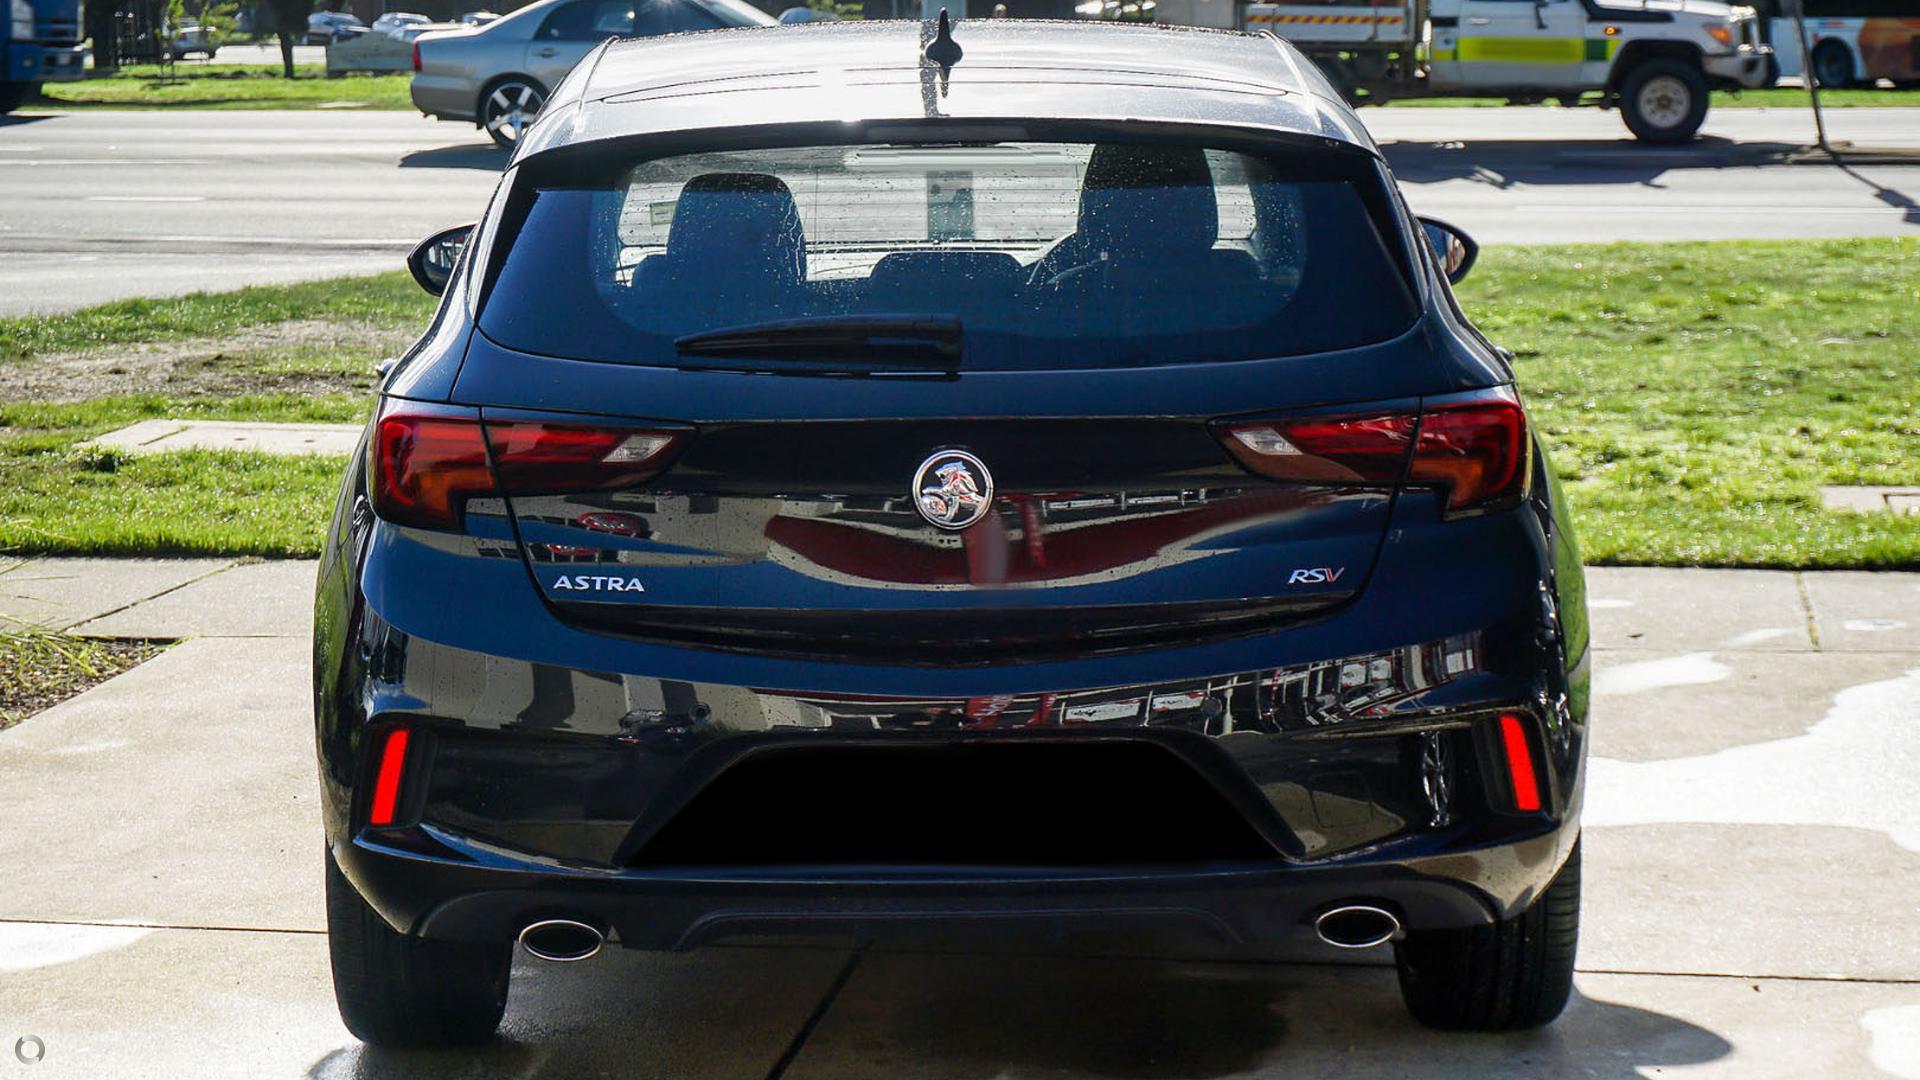 2016 Holden Astra RS-V BK